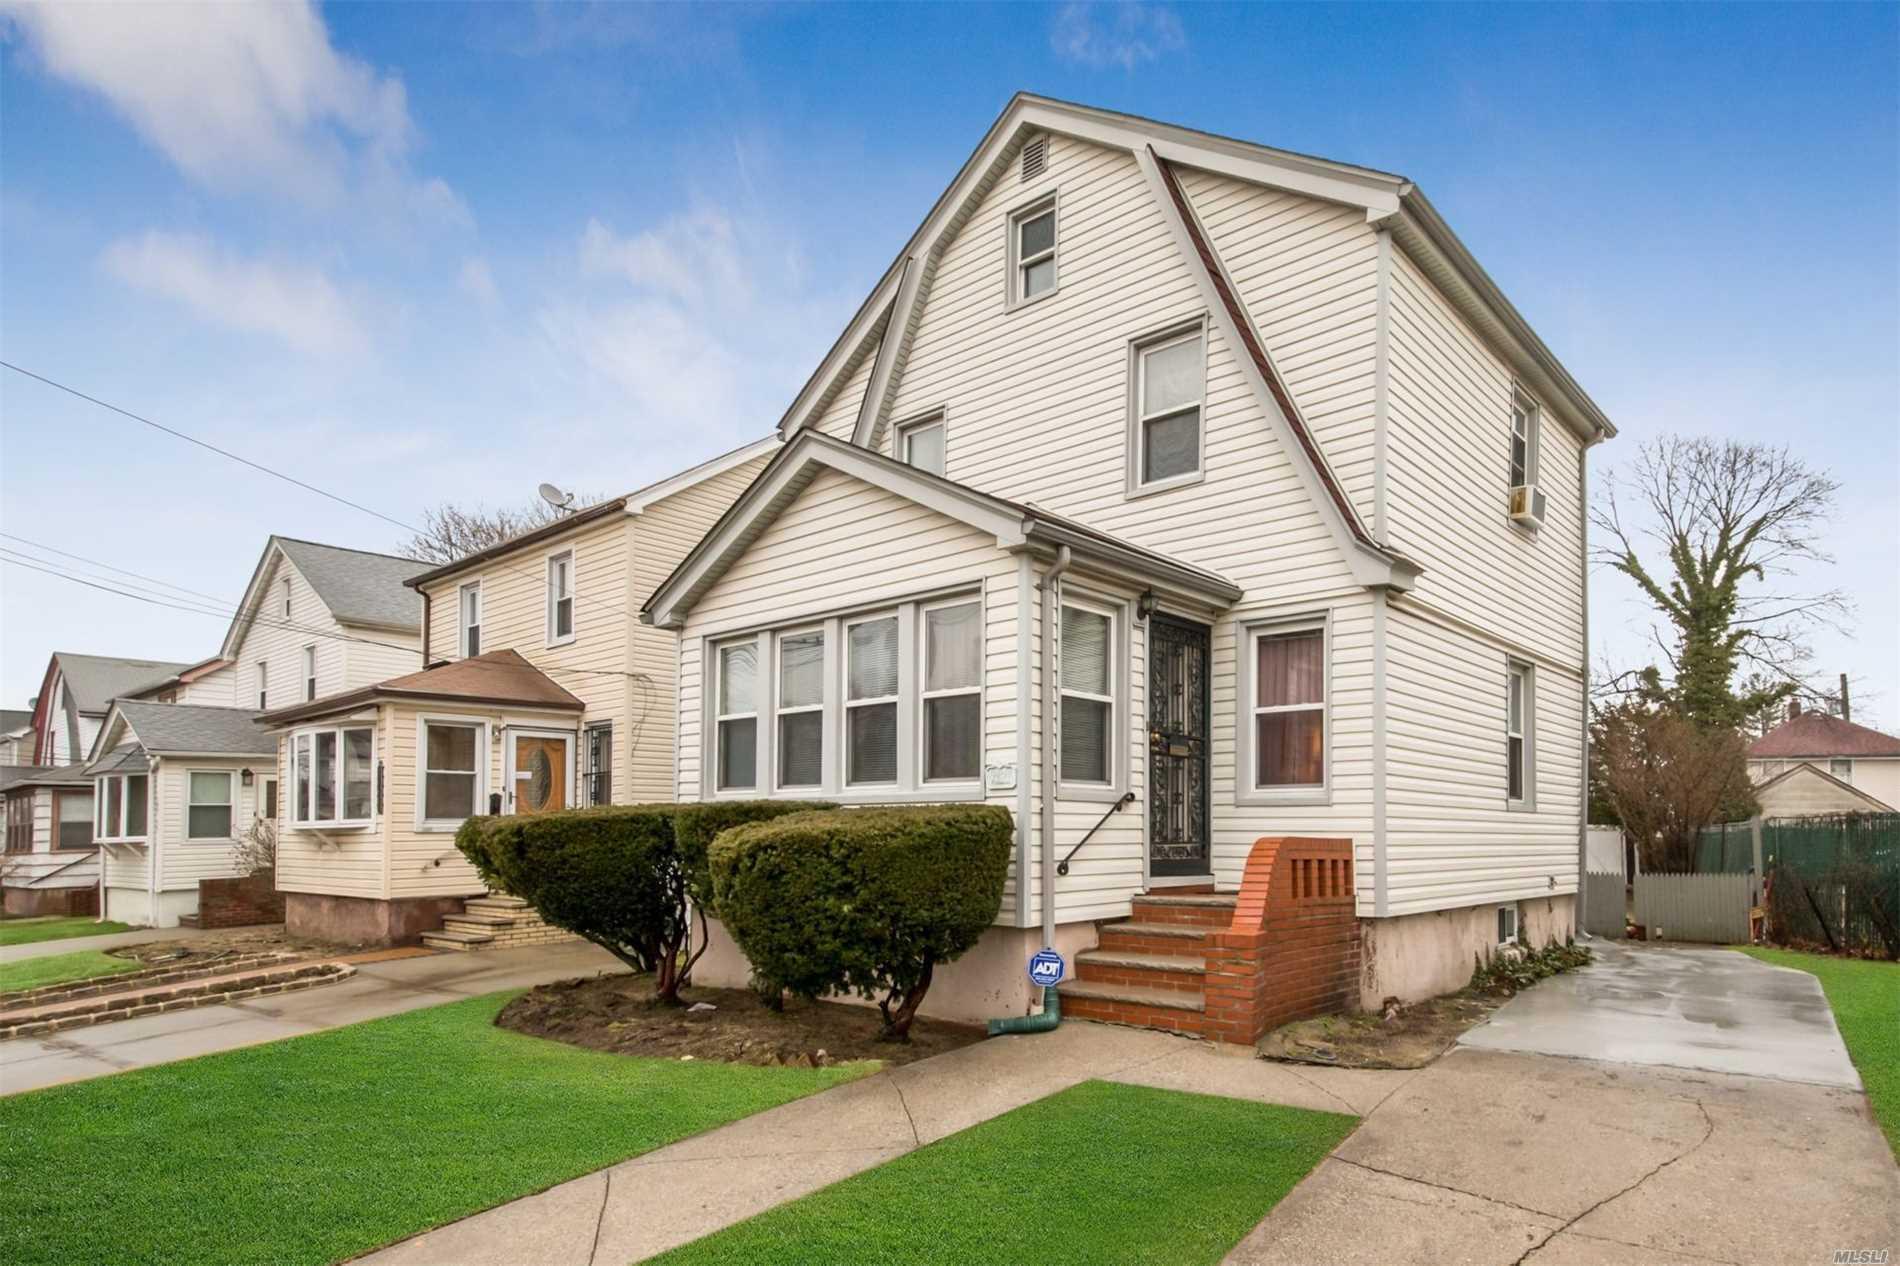 194-18 122nd Ave Springfield Gdns, NY 11413